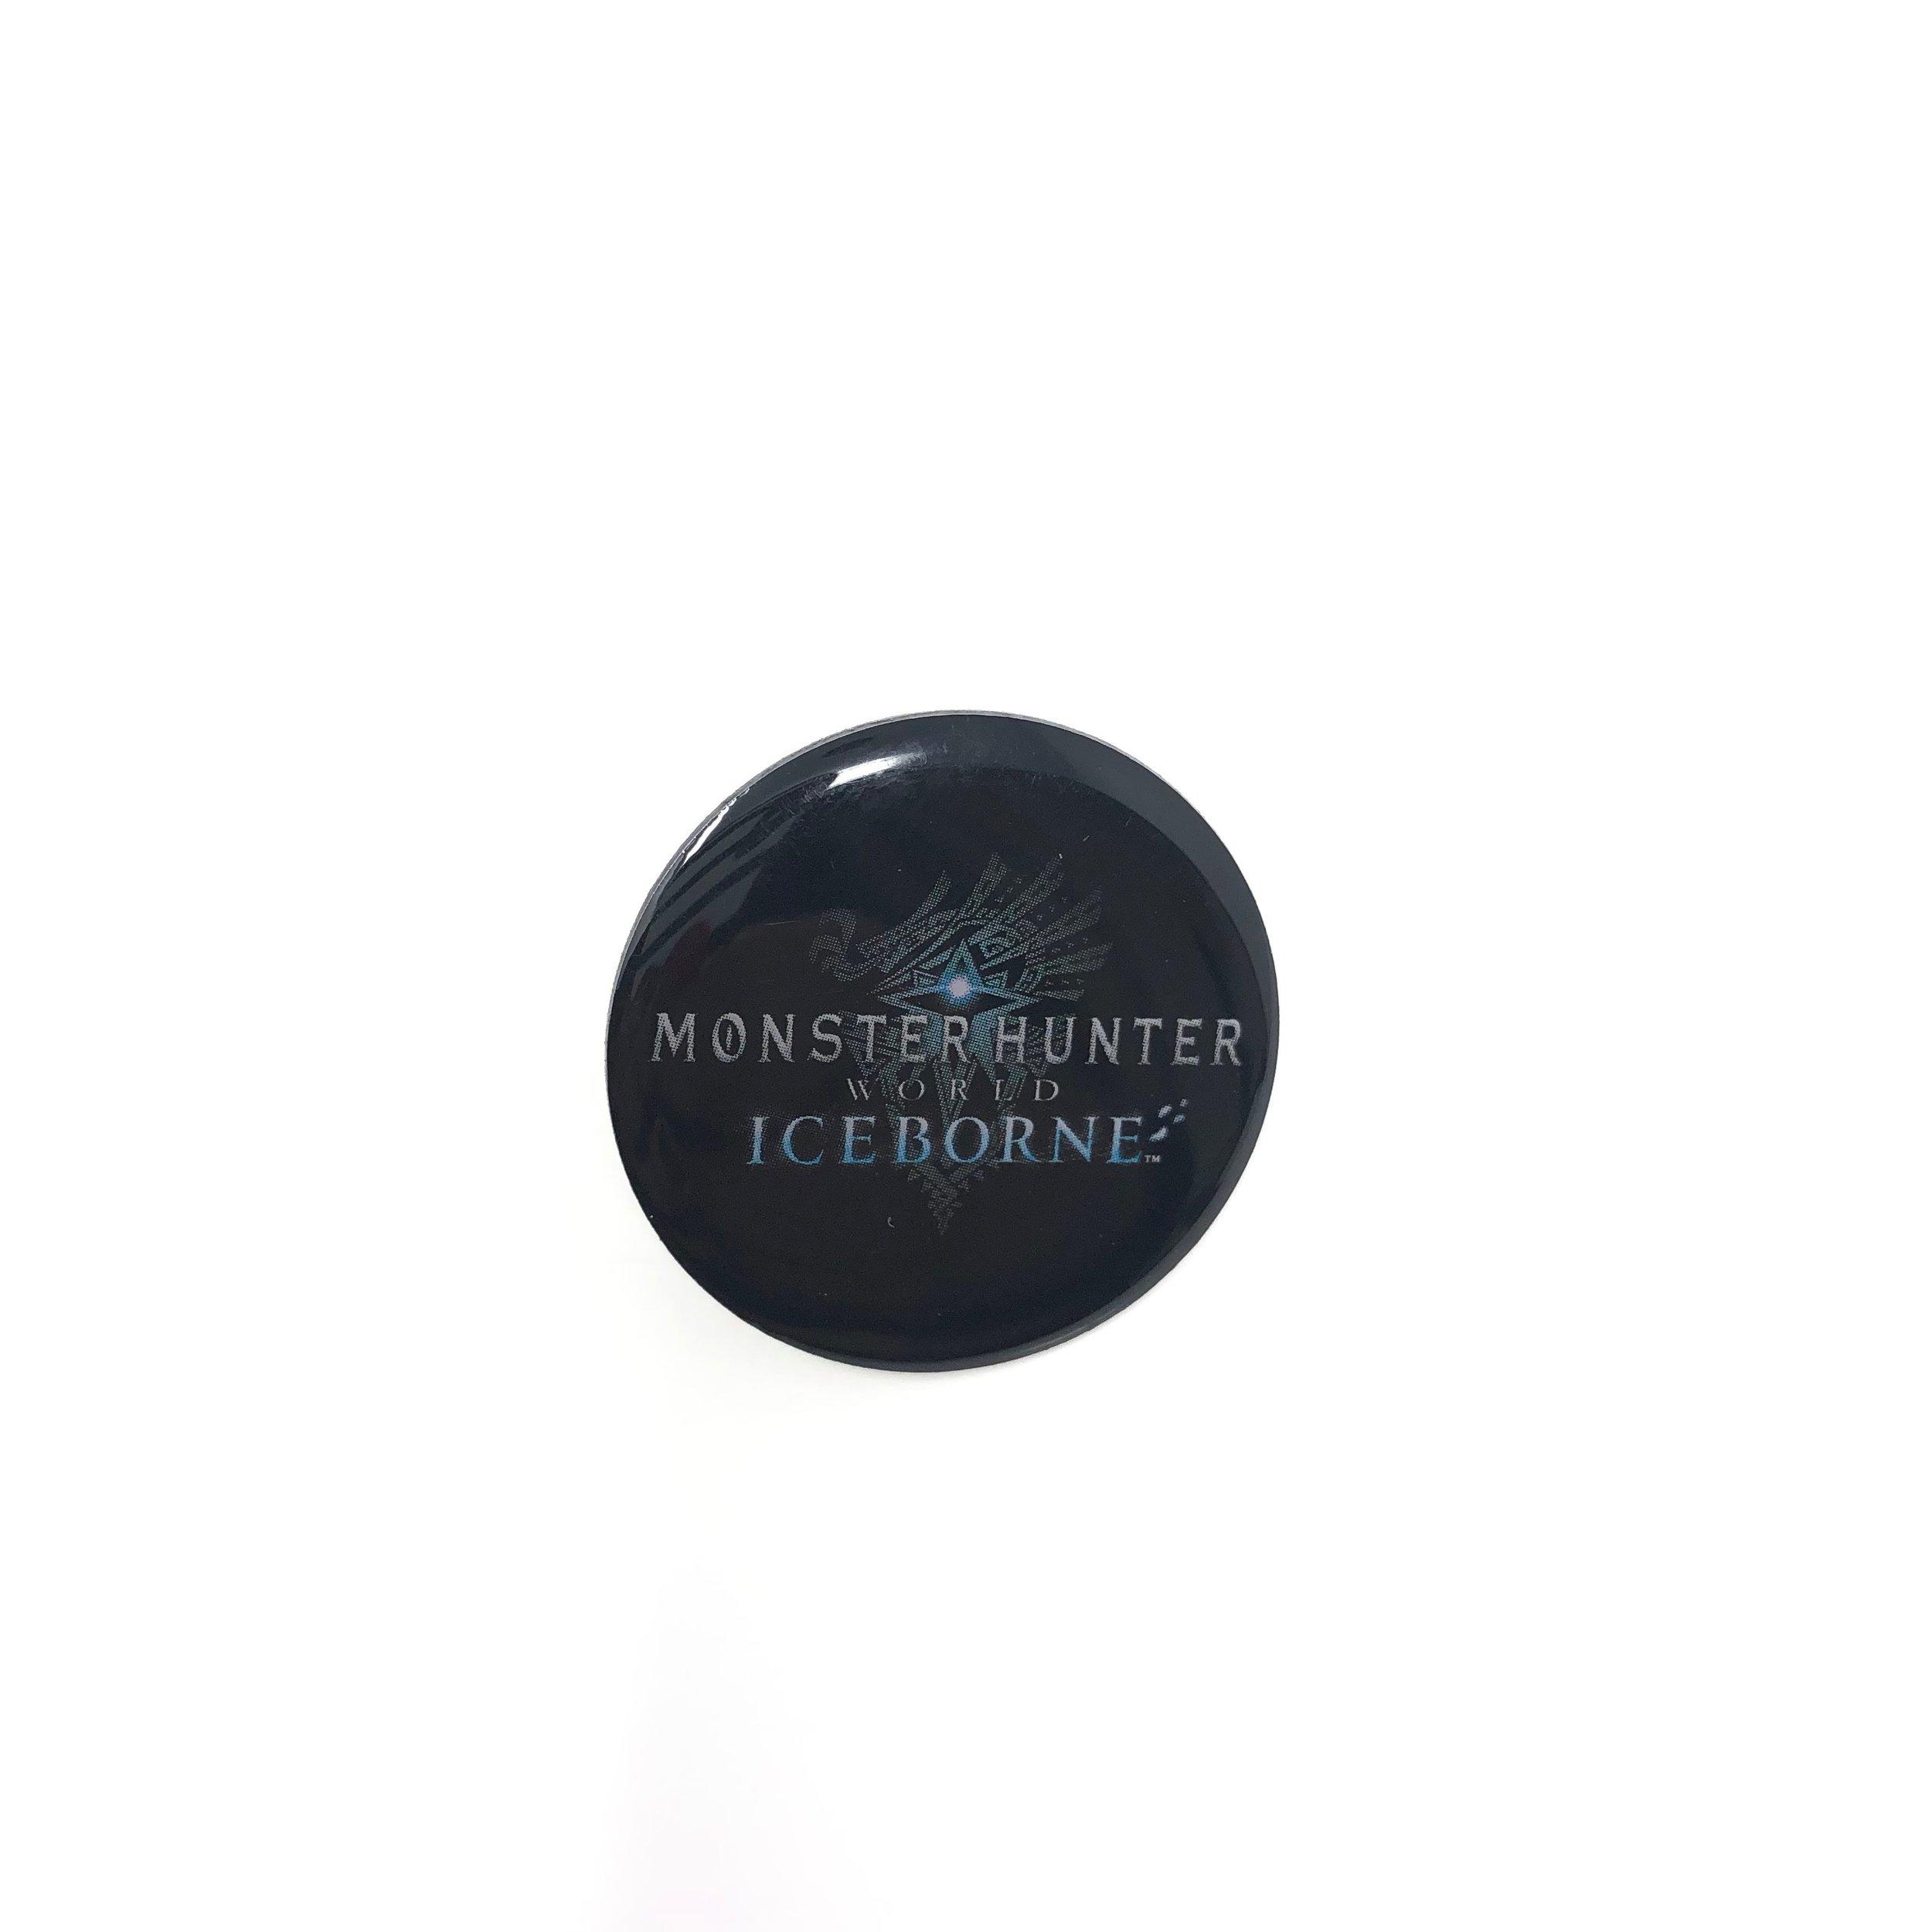 Monster Hunter Iceborne Pin